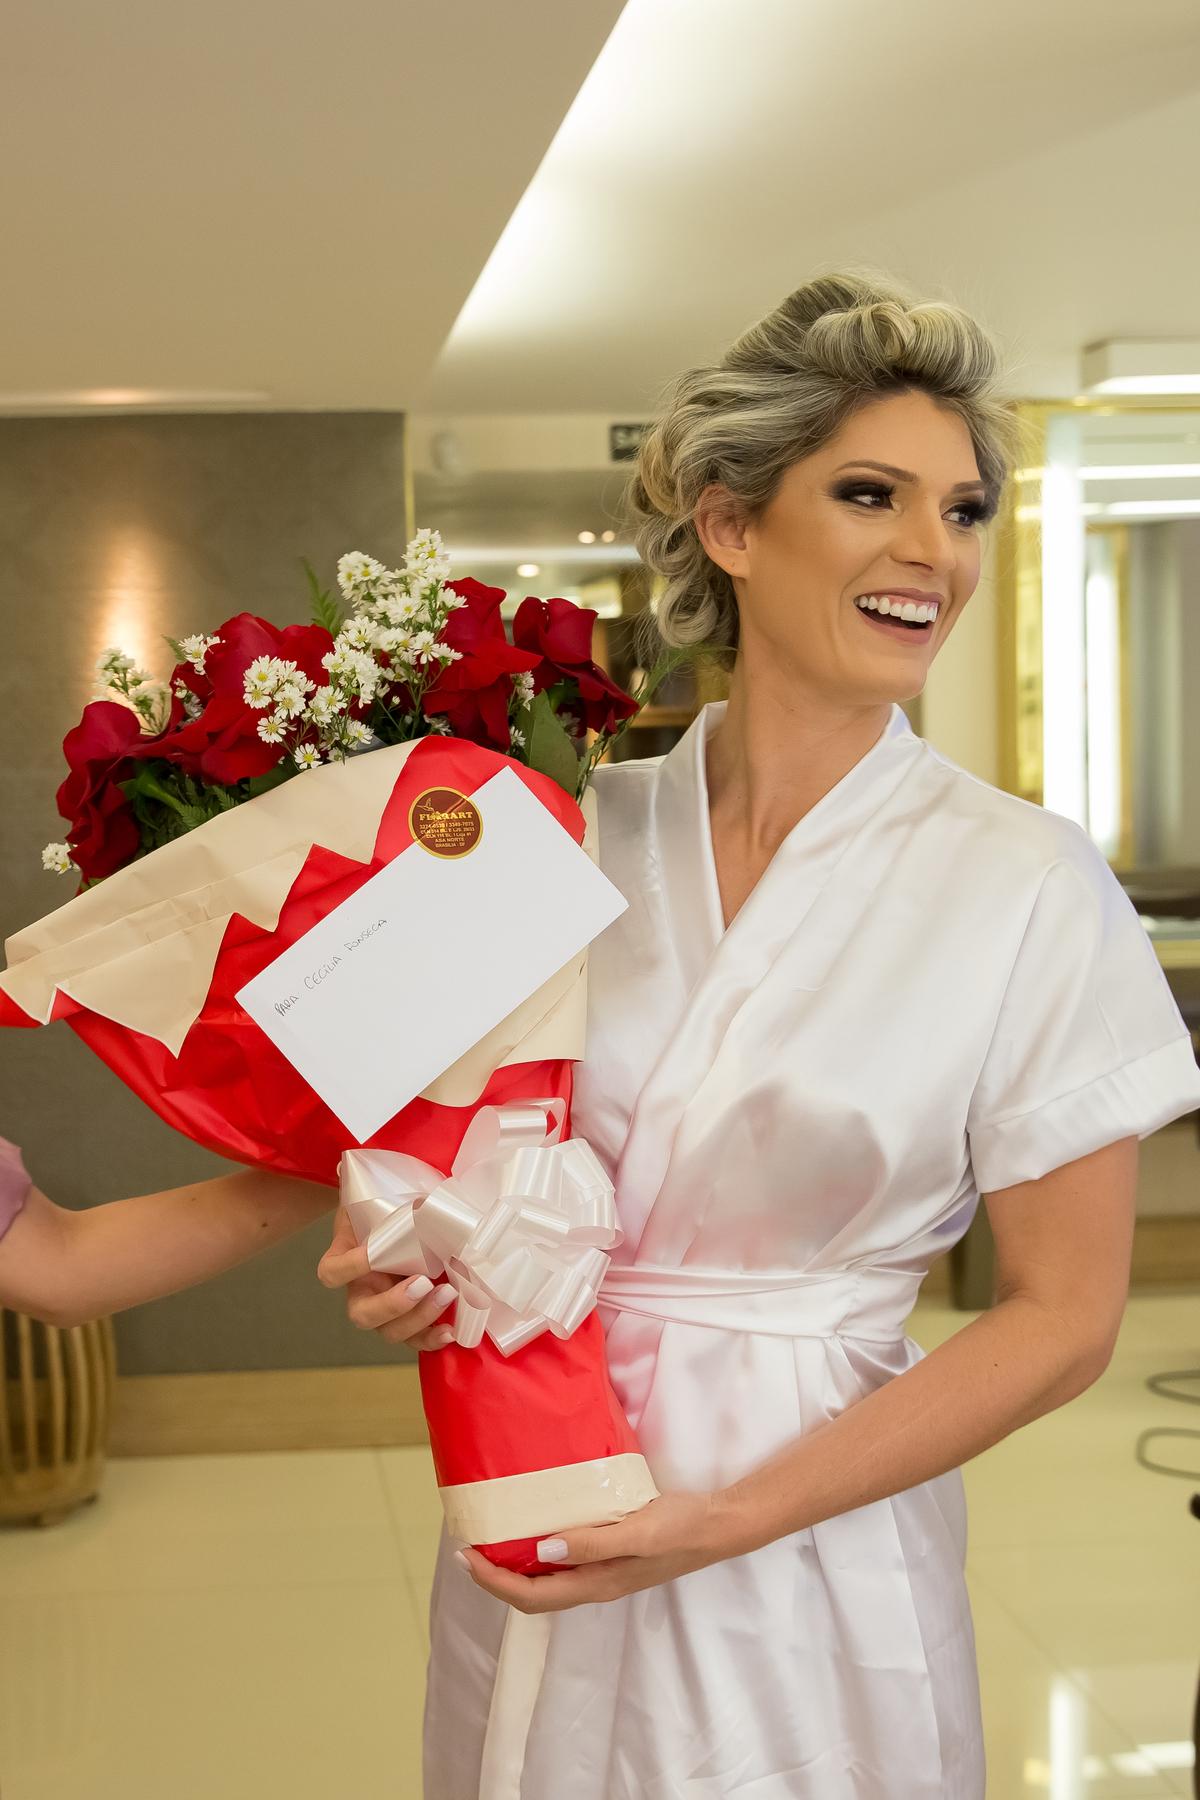 Surpresa...o noivo manda flores para sua amada noiva, um lindo buquê de rosas vermelhas.